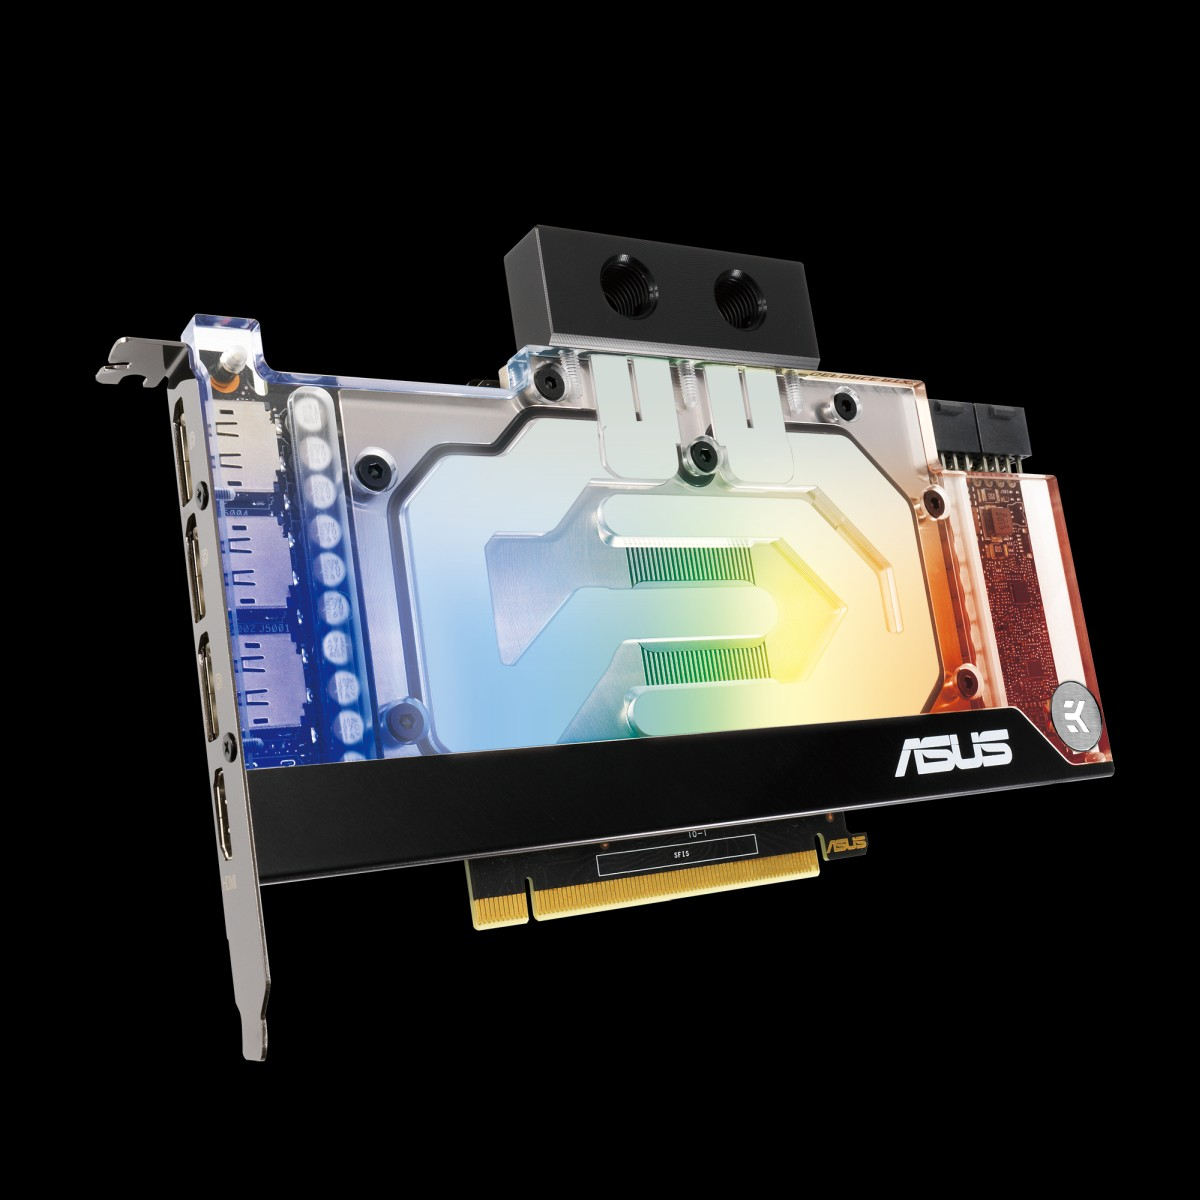 Asus uvedl nové grafické karty řady GeForce RTX 30 s vodním chlazením